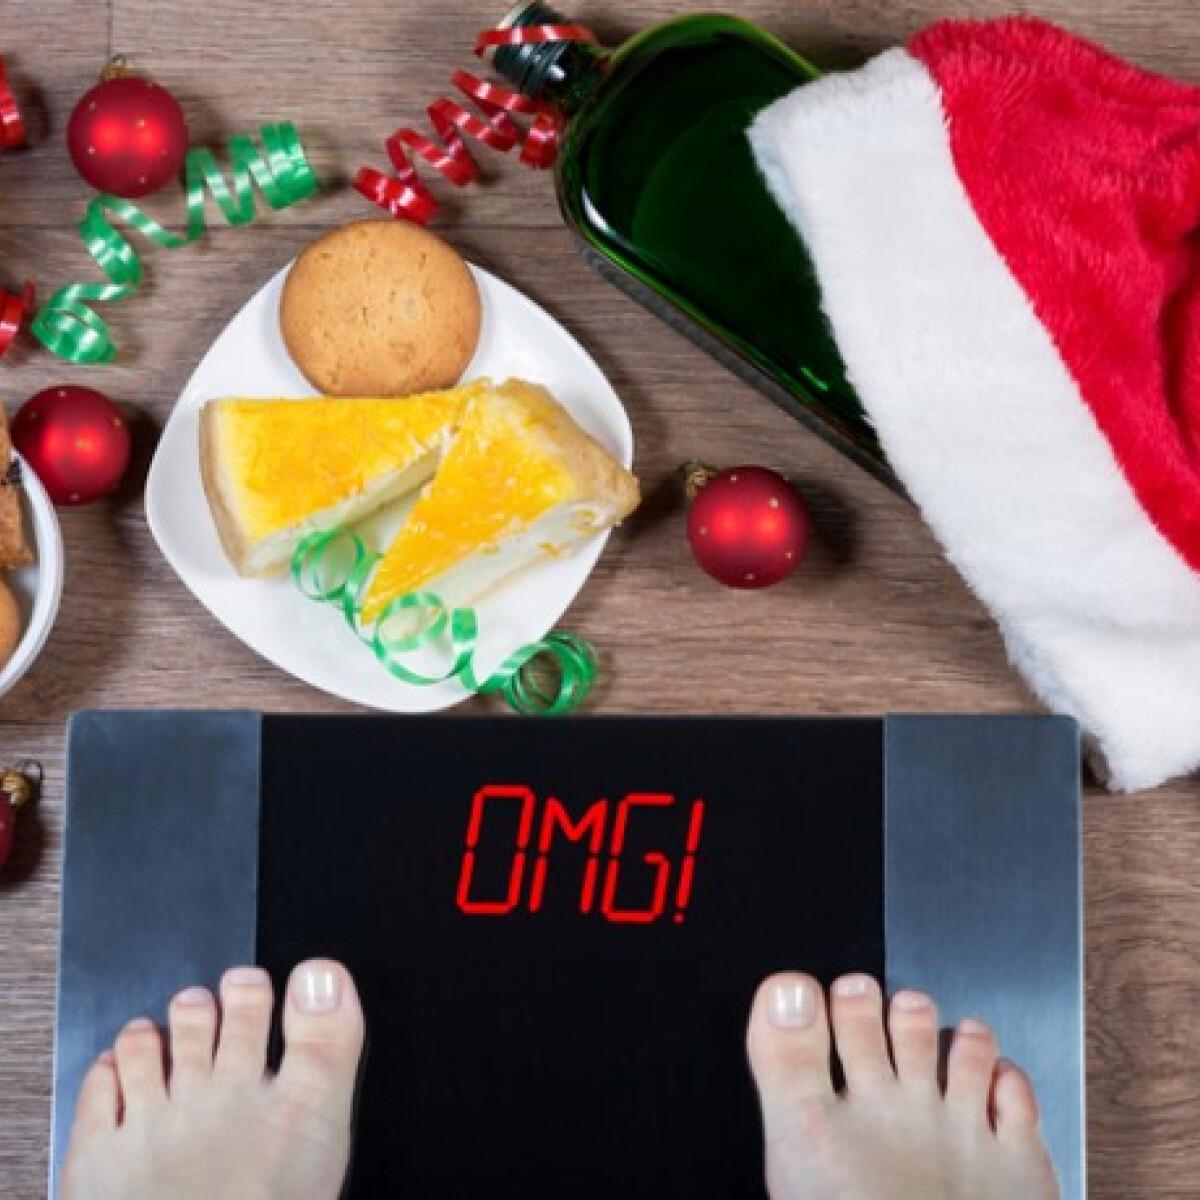 5+1 tipp a dietetikustól a karácsonyi pluszkilók ellen